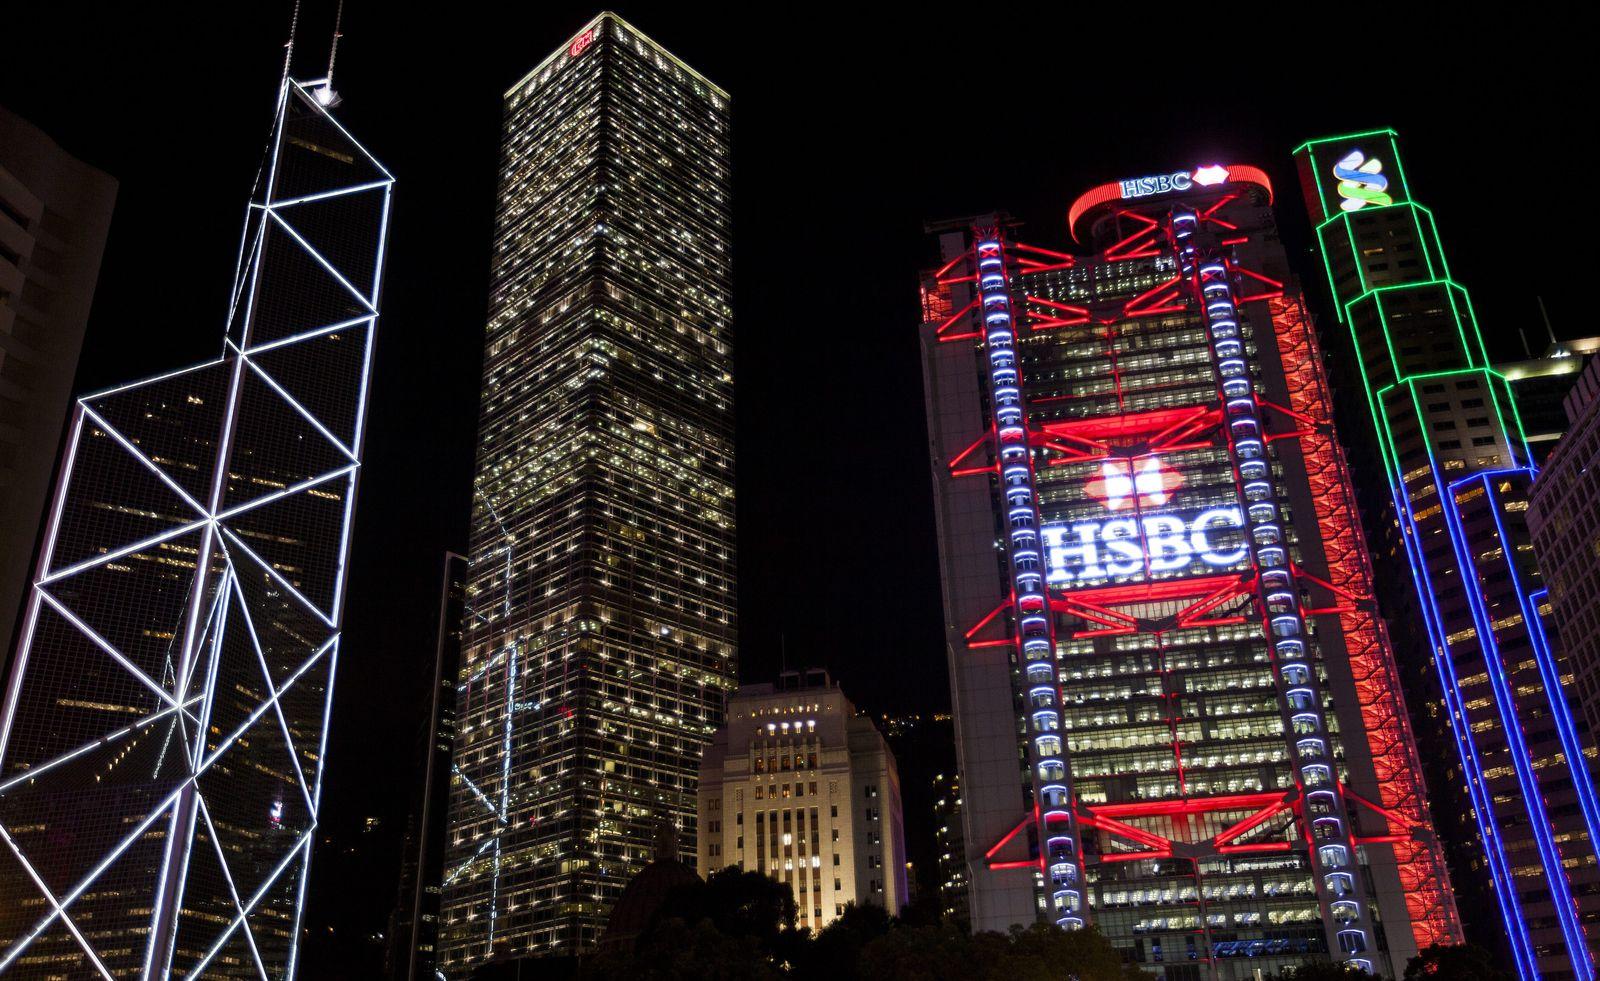 HBSC bank logo lights up Hong Kong skyline